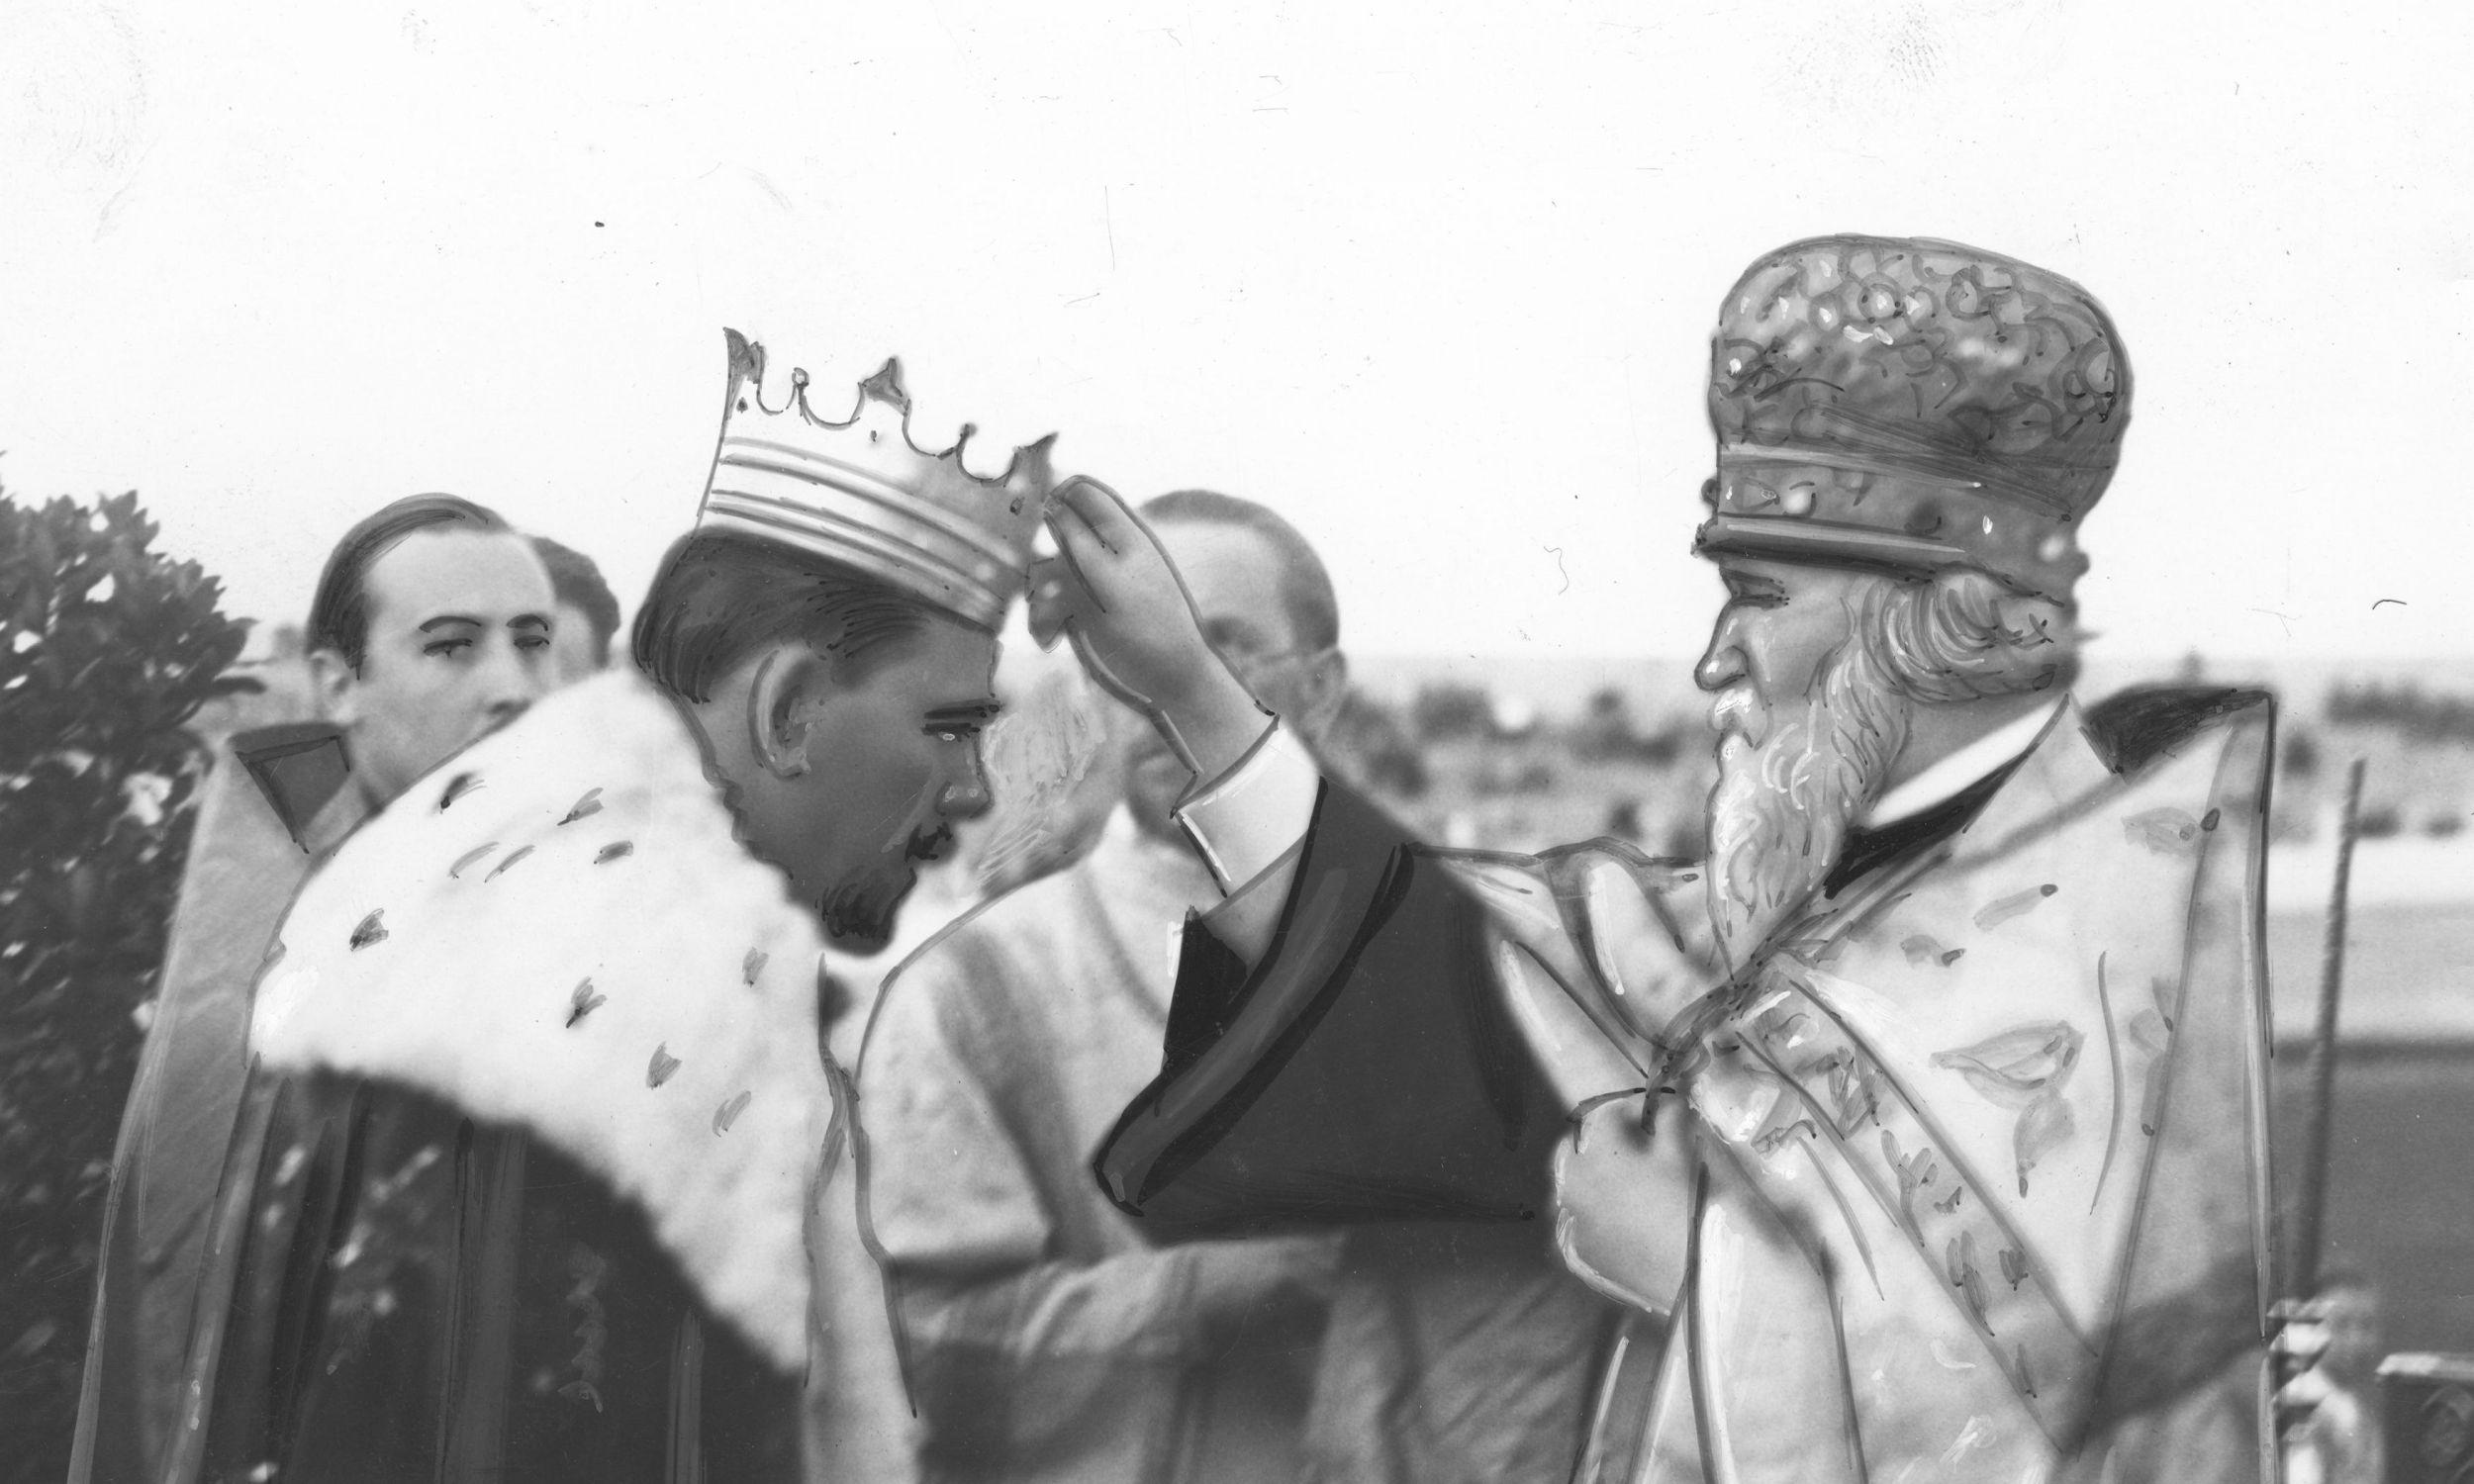 Protoprezbiter Kościoła prawosławnego Terencjusz Teodorowicz błogosławi nowo wybranego króla Cyganów Janusza Kwieka w kwietniu 1937 roku. Fot. NAC/IKC